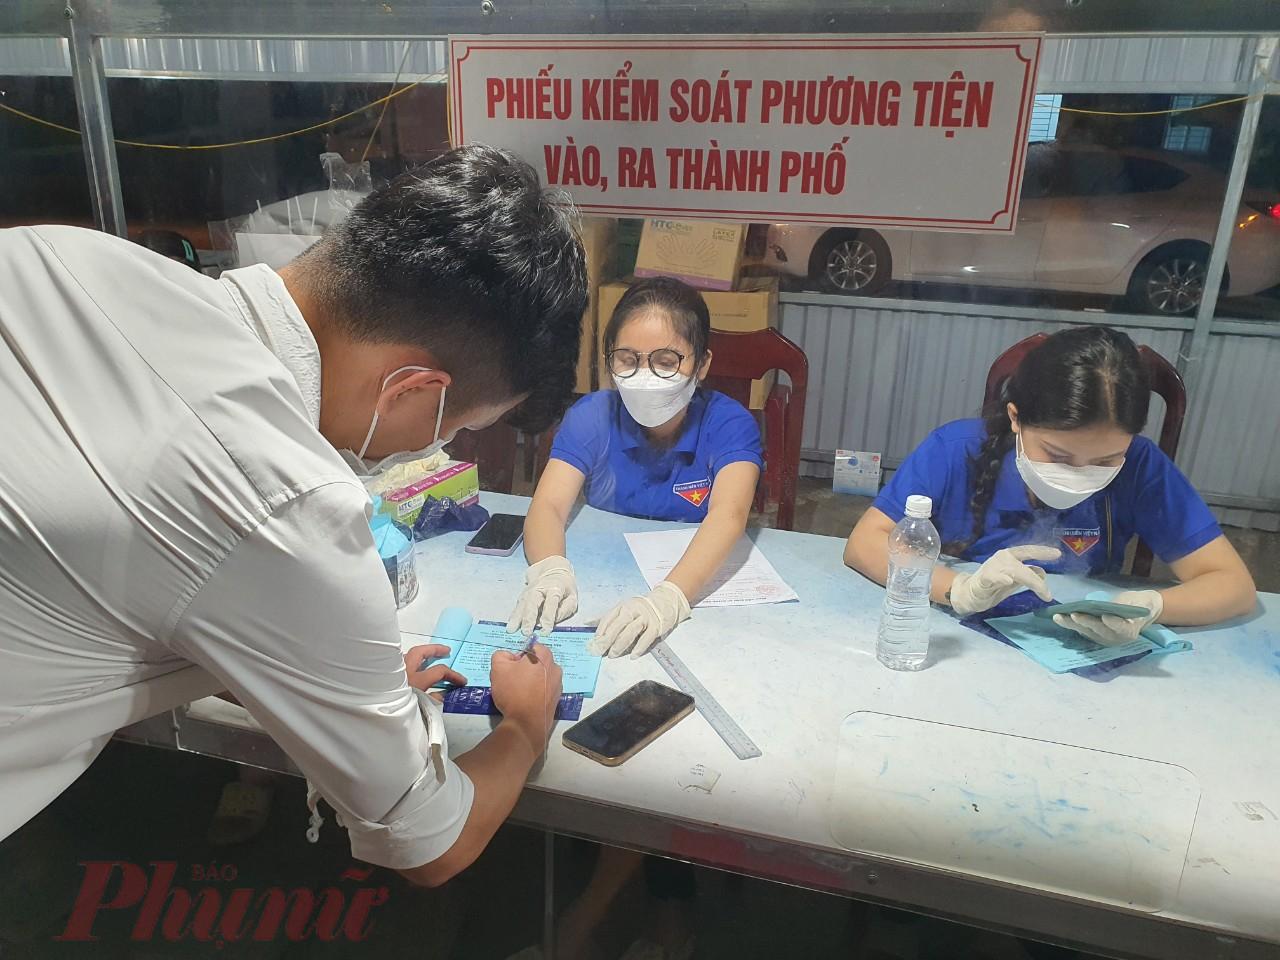 Kiểm soát phương tiện ra vào thành phố tại chốt kiểm soát phía nam thành phố Đà Nẵng